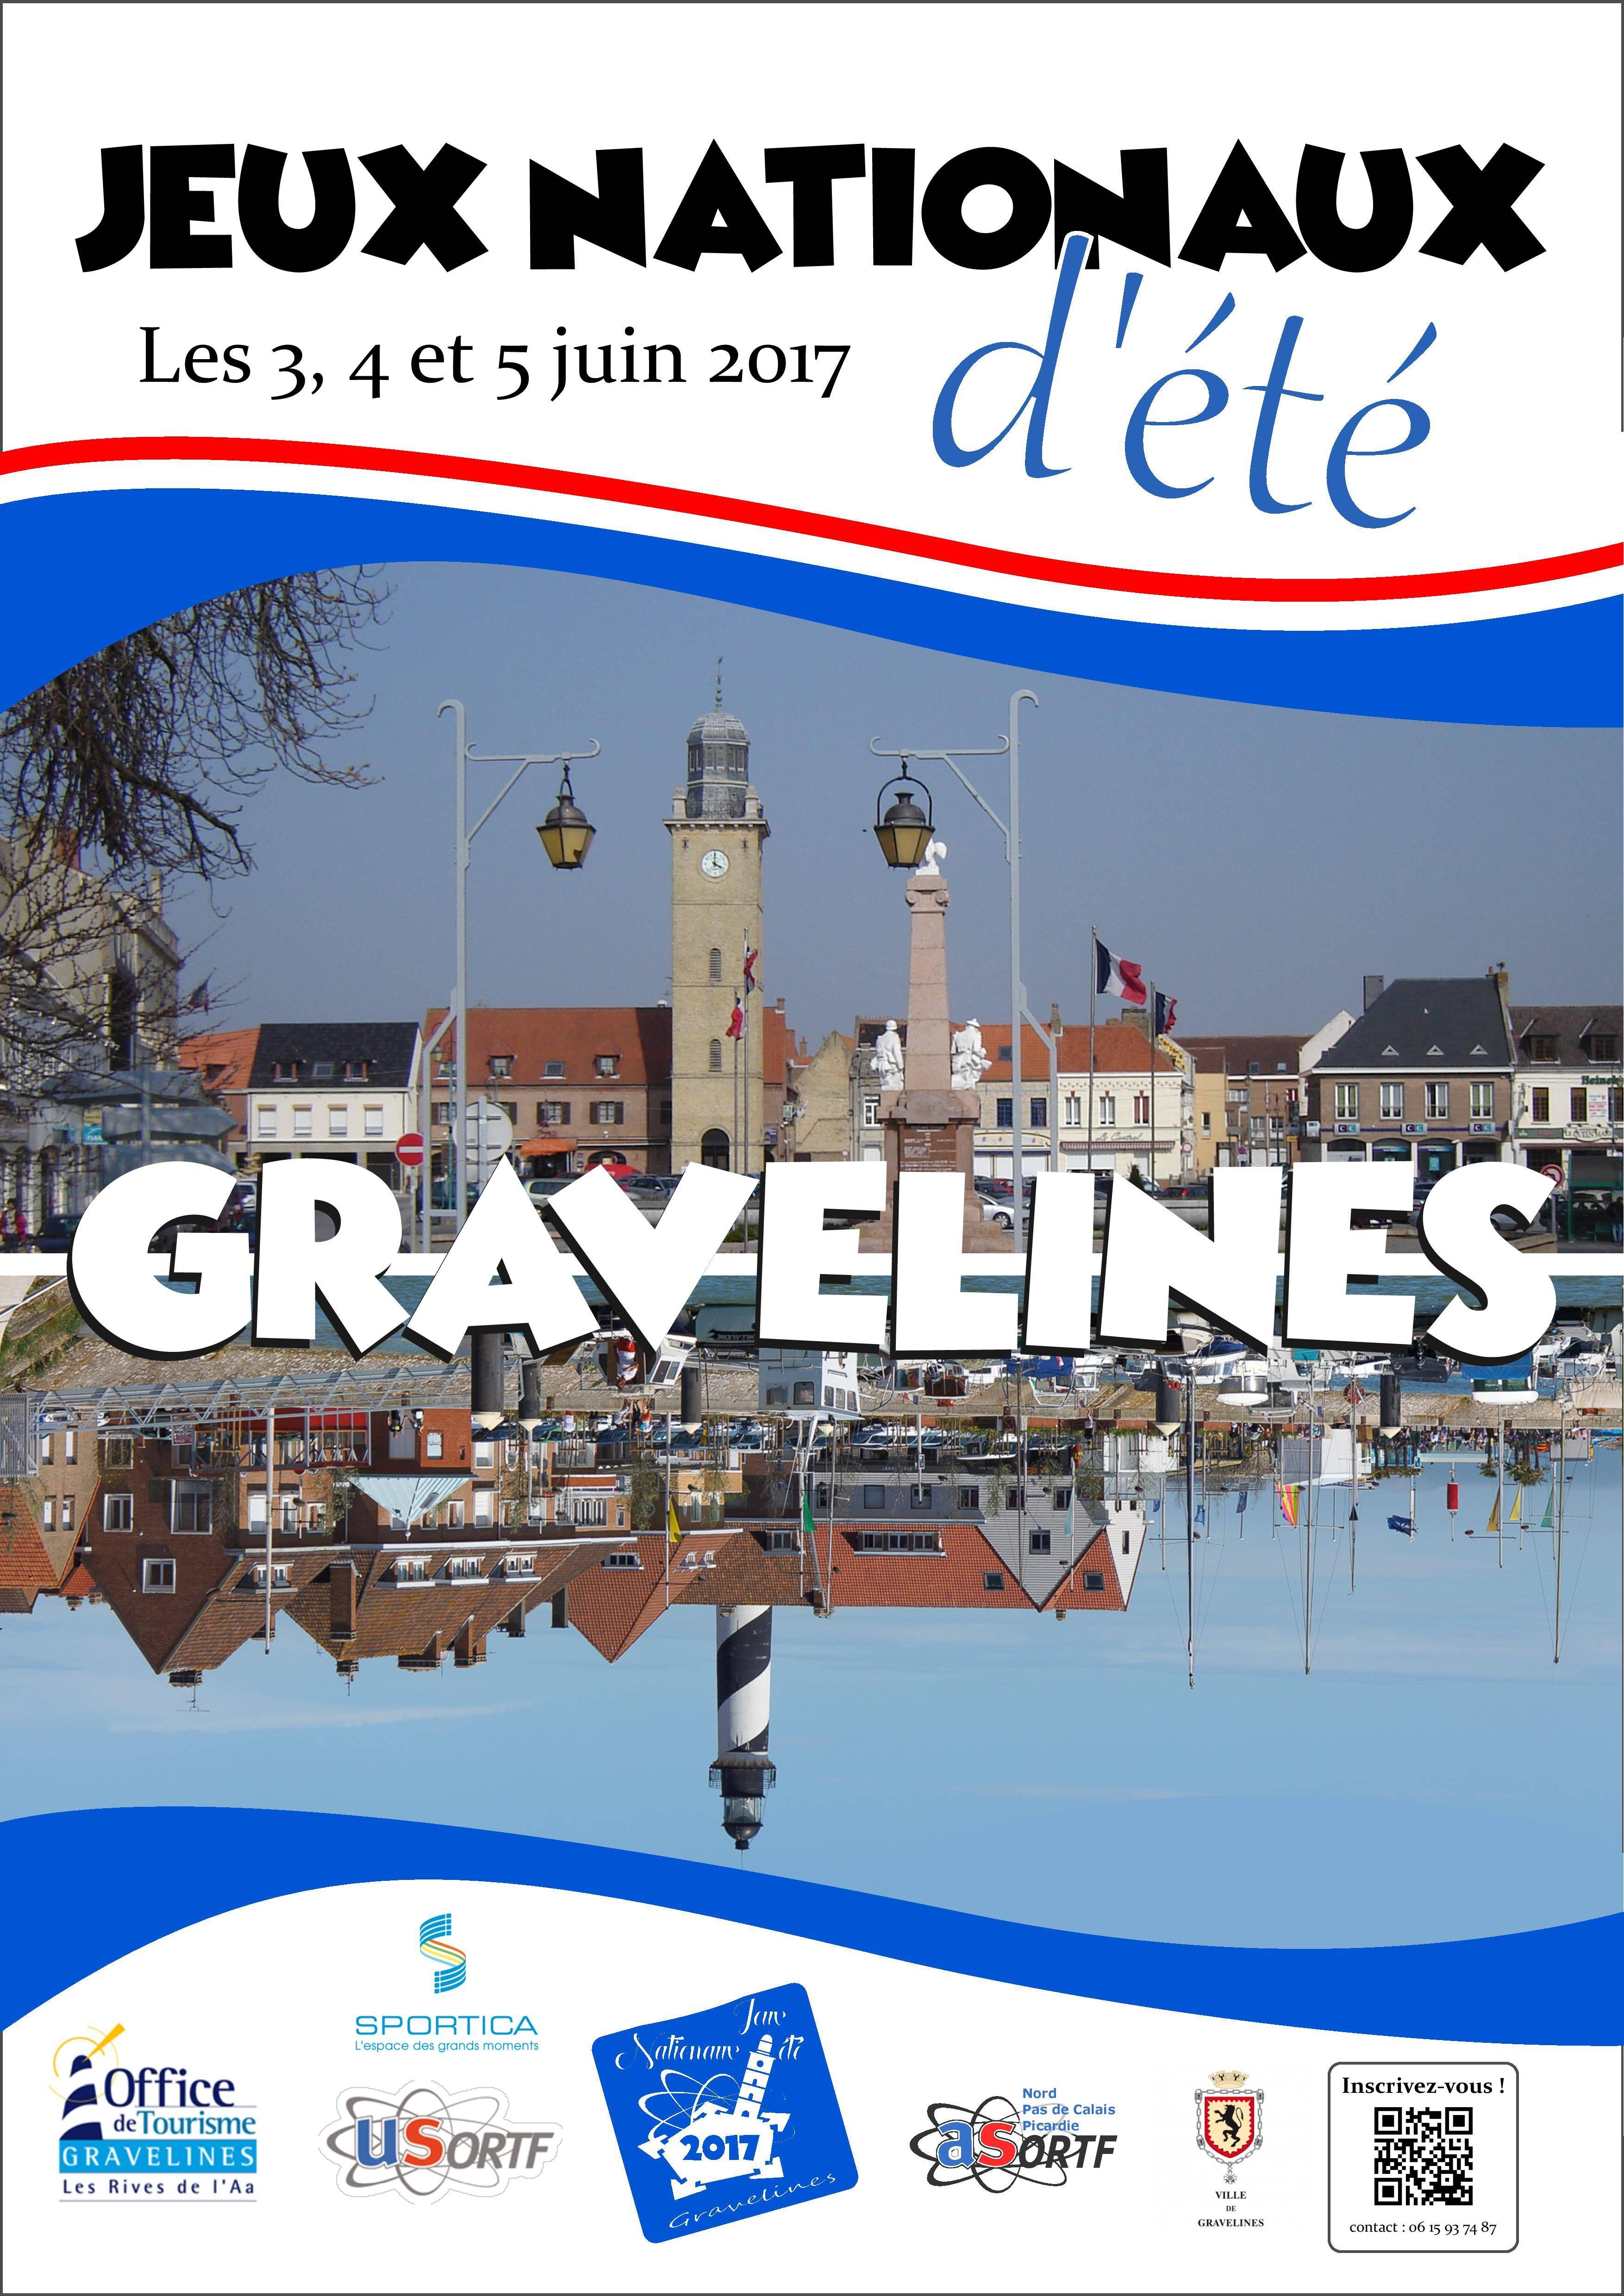 Jeux nationaux d 39 t sportica gravelines for Sportica piscine